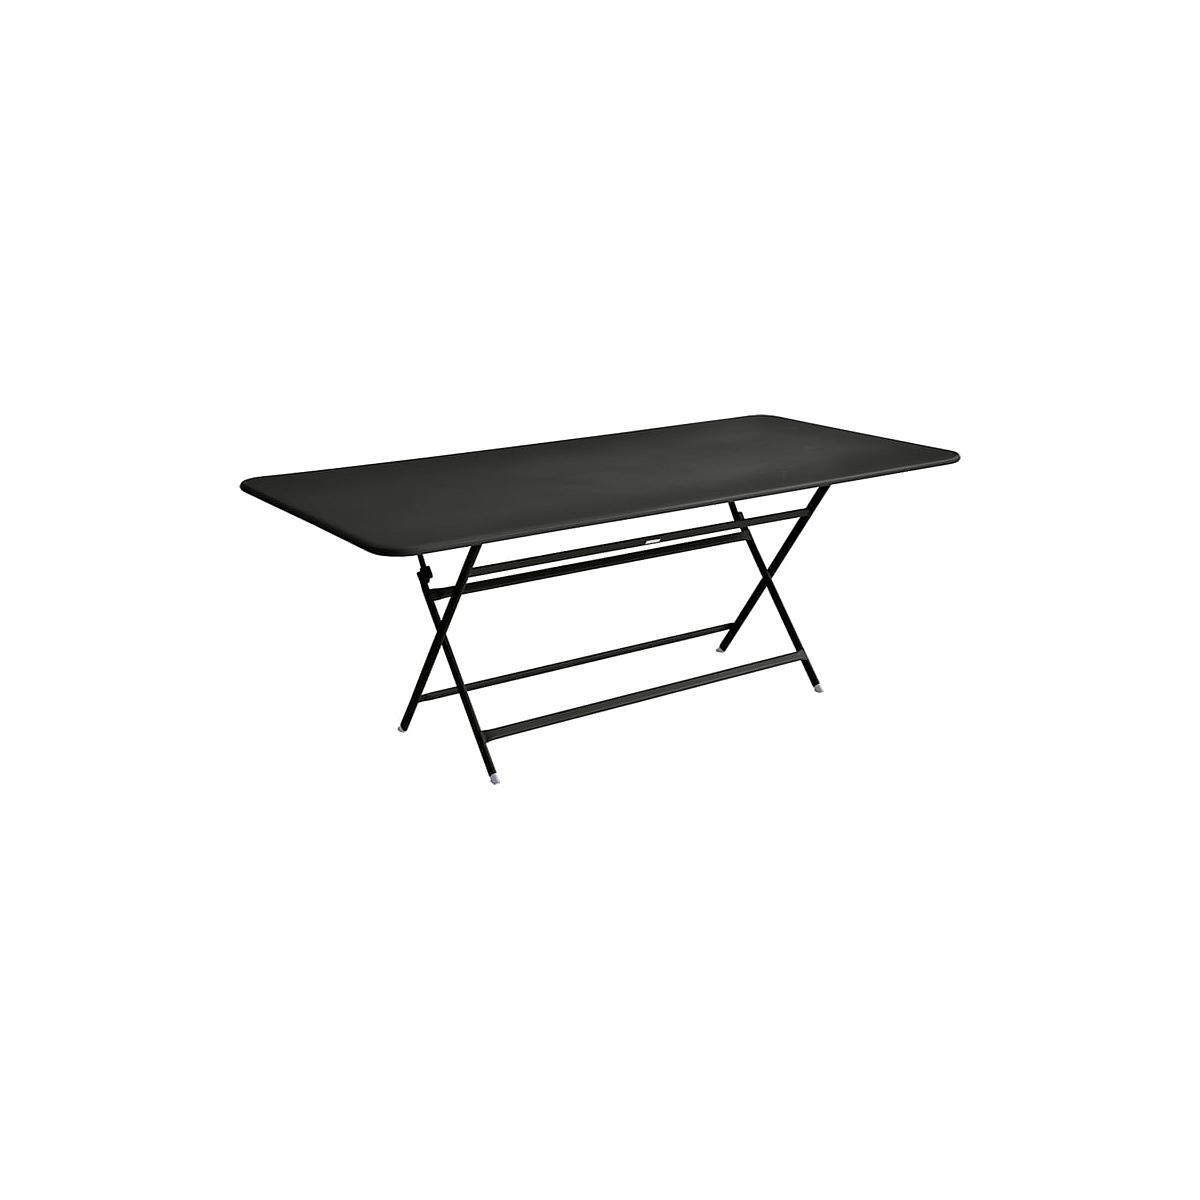 Table 90x190cm pliante CARACTERE Fermob Réglisse